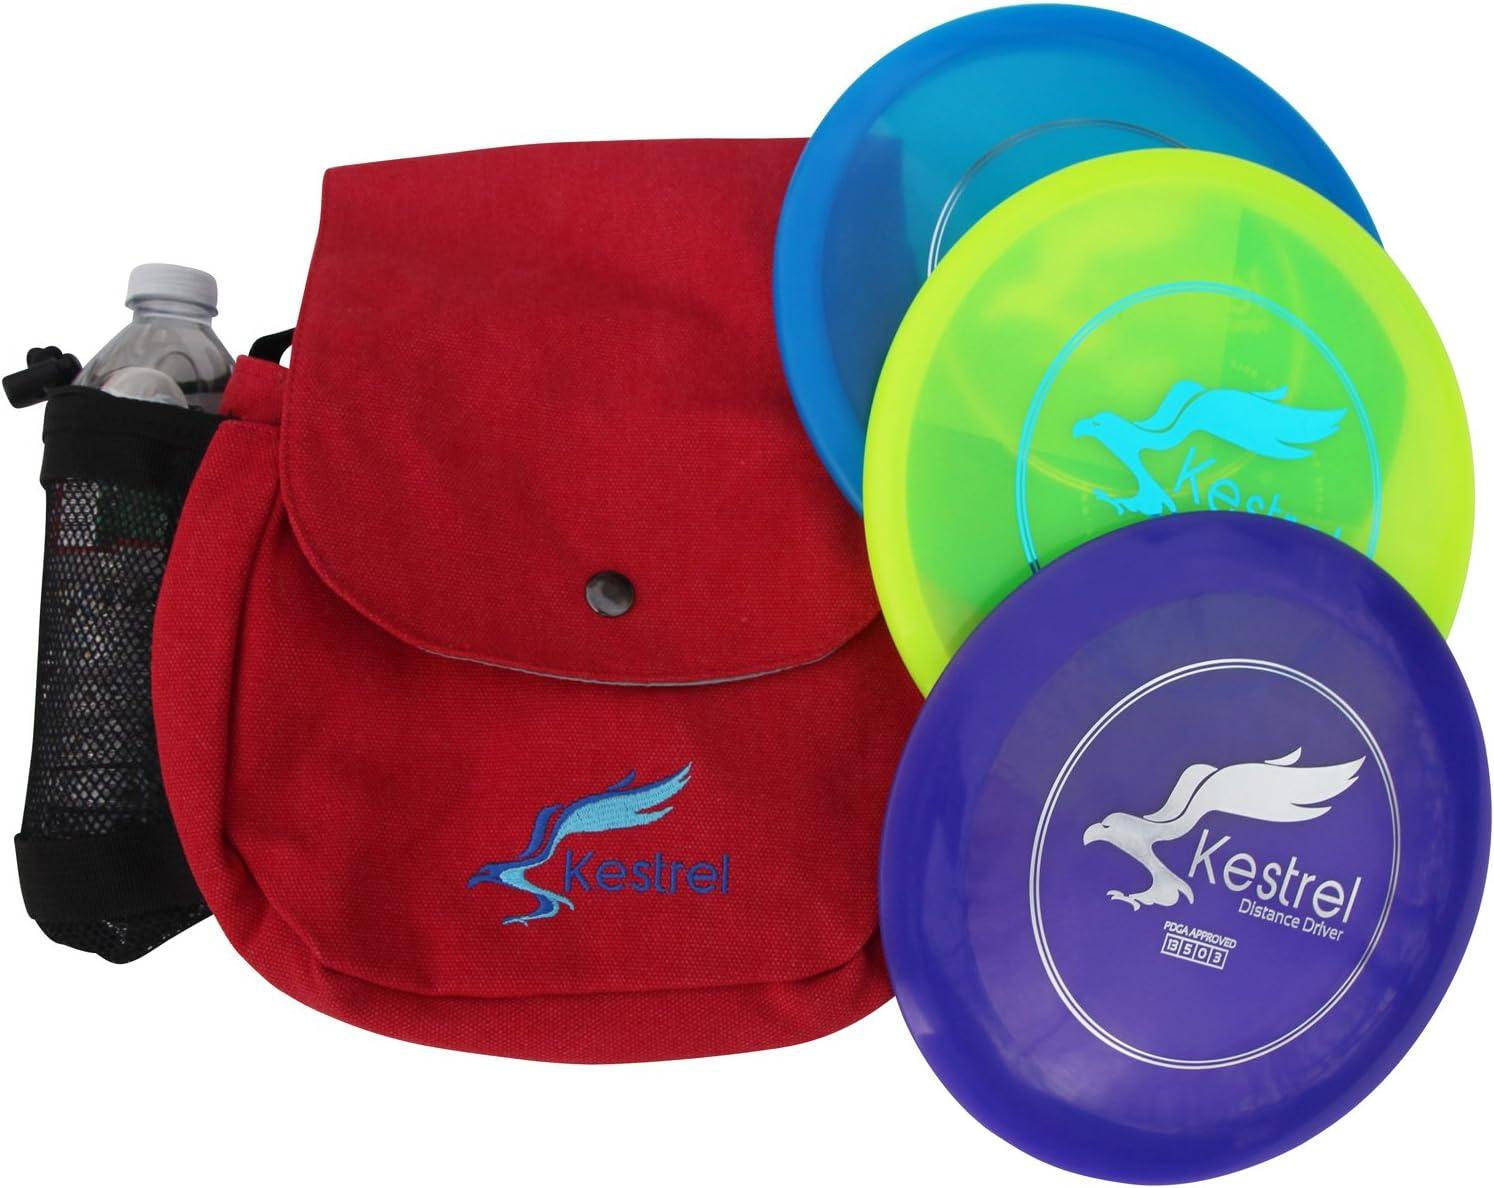 Kestrel Disc Golf Proセット| 3 Disc Proパックバンドル+バッグ|ディスクゴルフセット| Includes距離ドライバー、ミッドレンジとパター|ディスクゴルフセット レッド